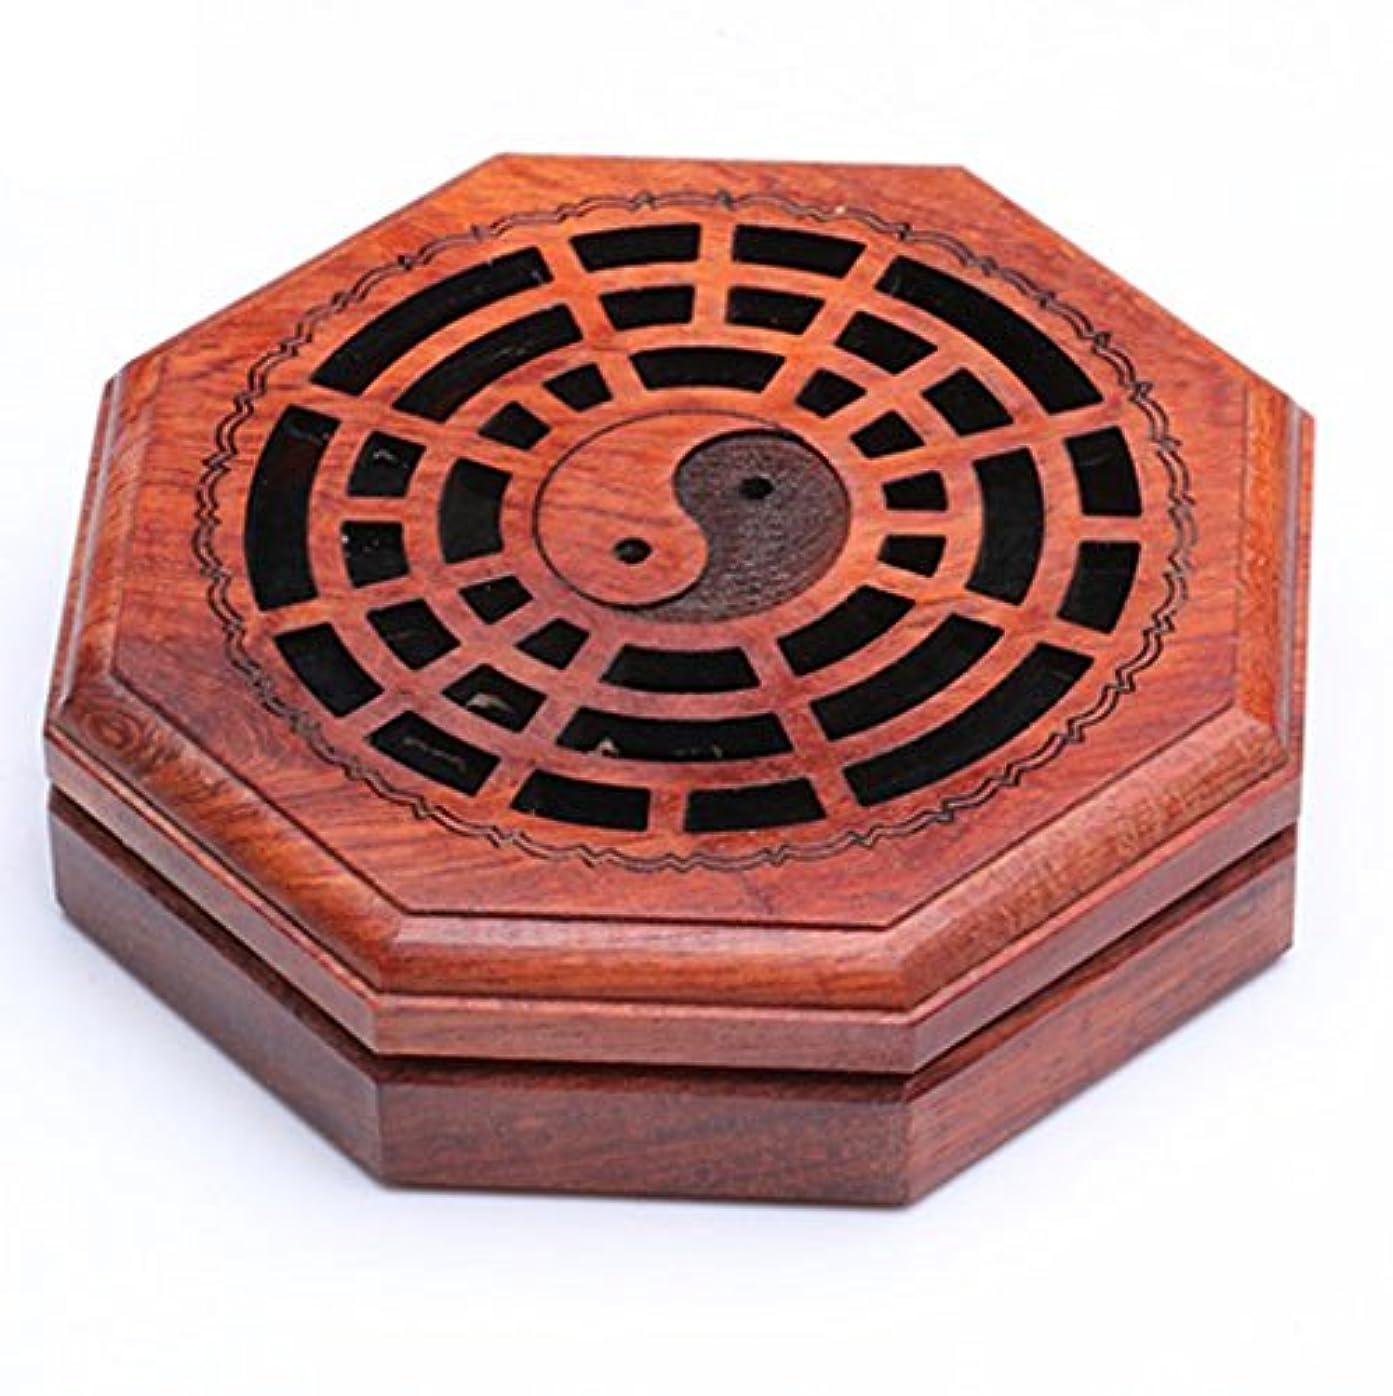 敬意を表するリゾート宅配便(ラシューバー) Lasuiveur 香炉 線香立て 香立て 職人さんの手作り 茶道用品 おしゃれ  木製 透かし彫り